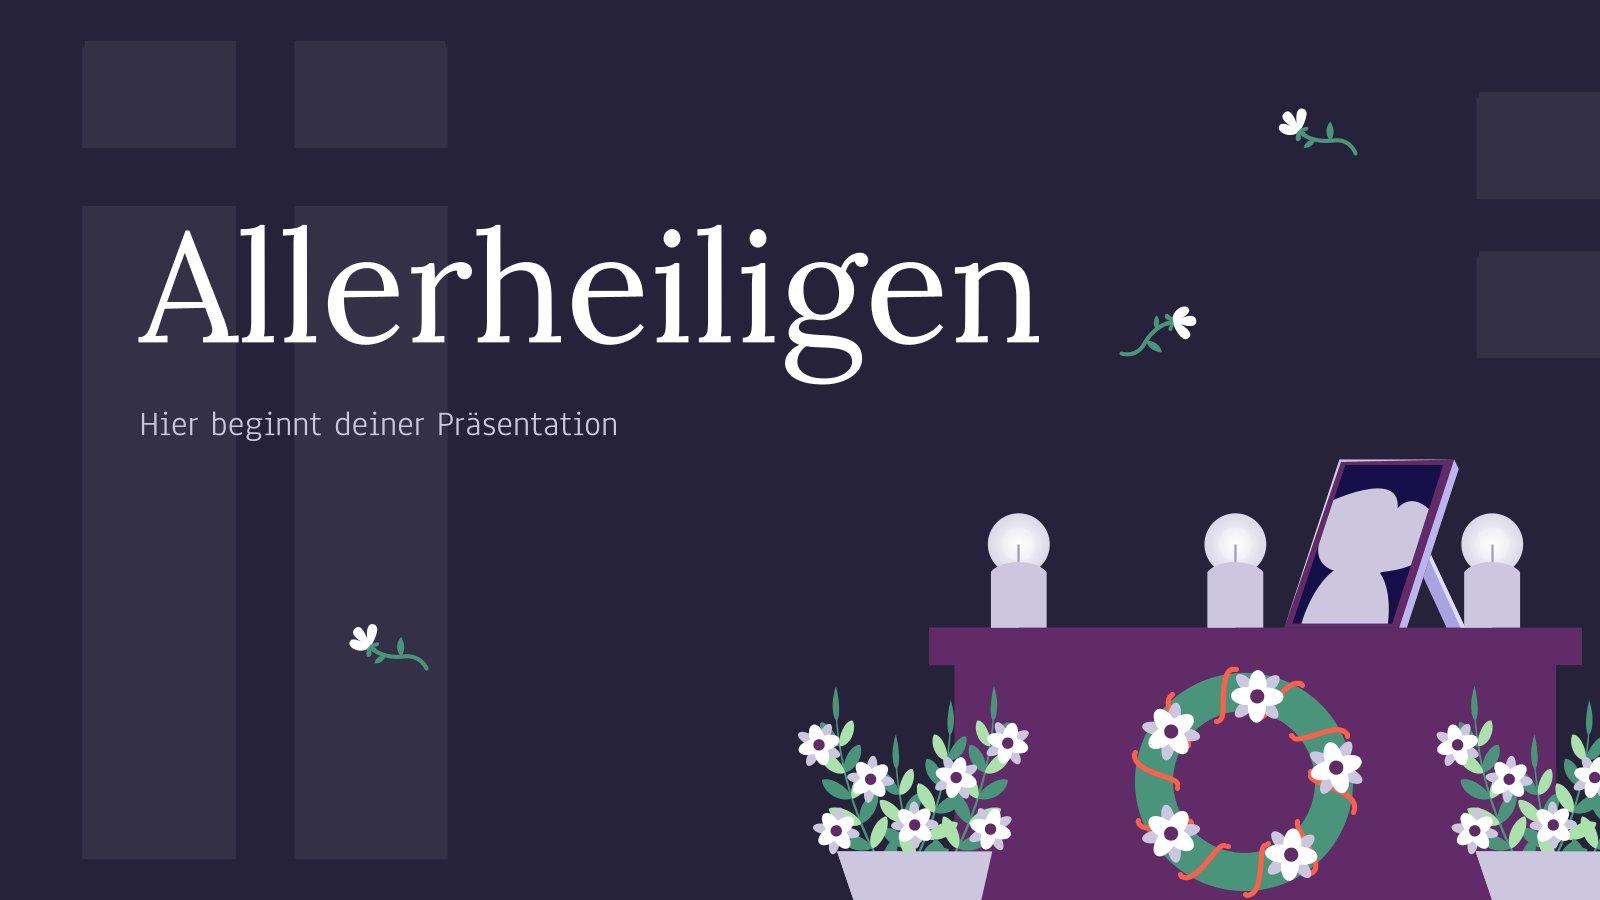 Plantilla de presentación Día de todos los santos en Alemania